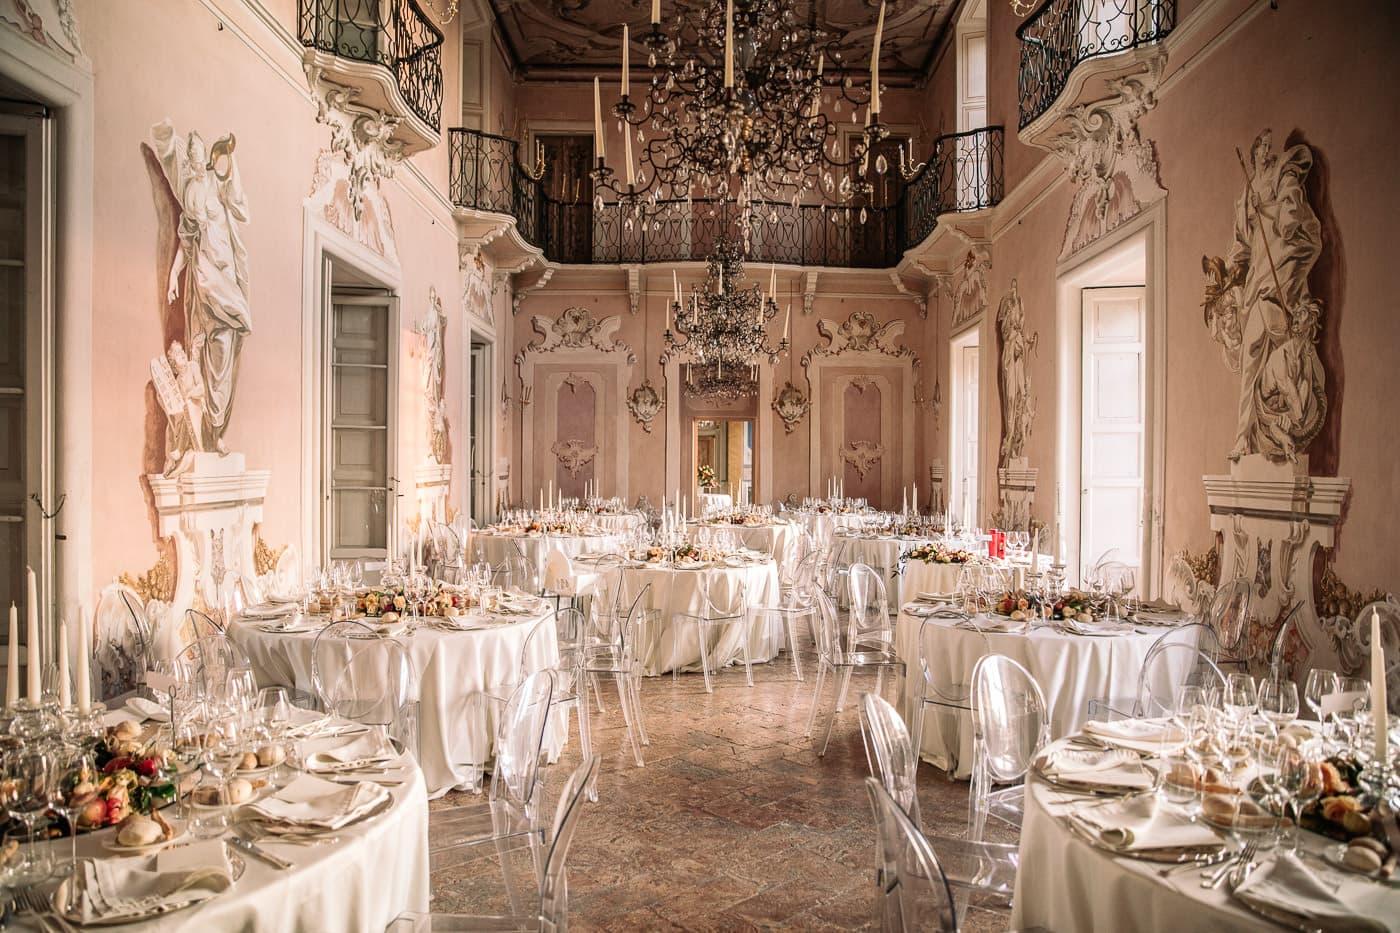 Matrimonio In Un Castello : Matrimonio castello durini